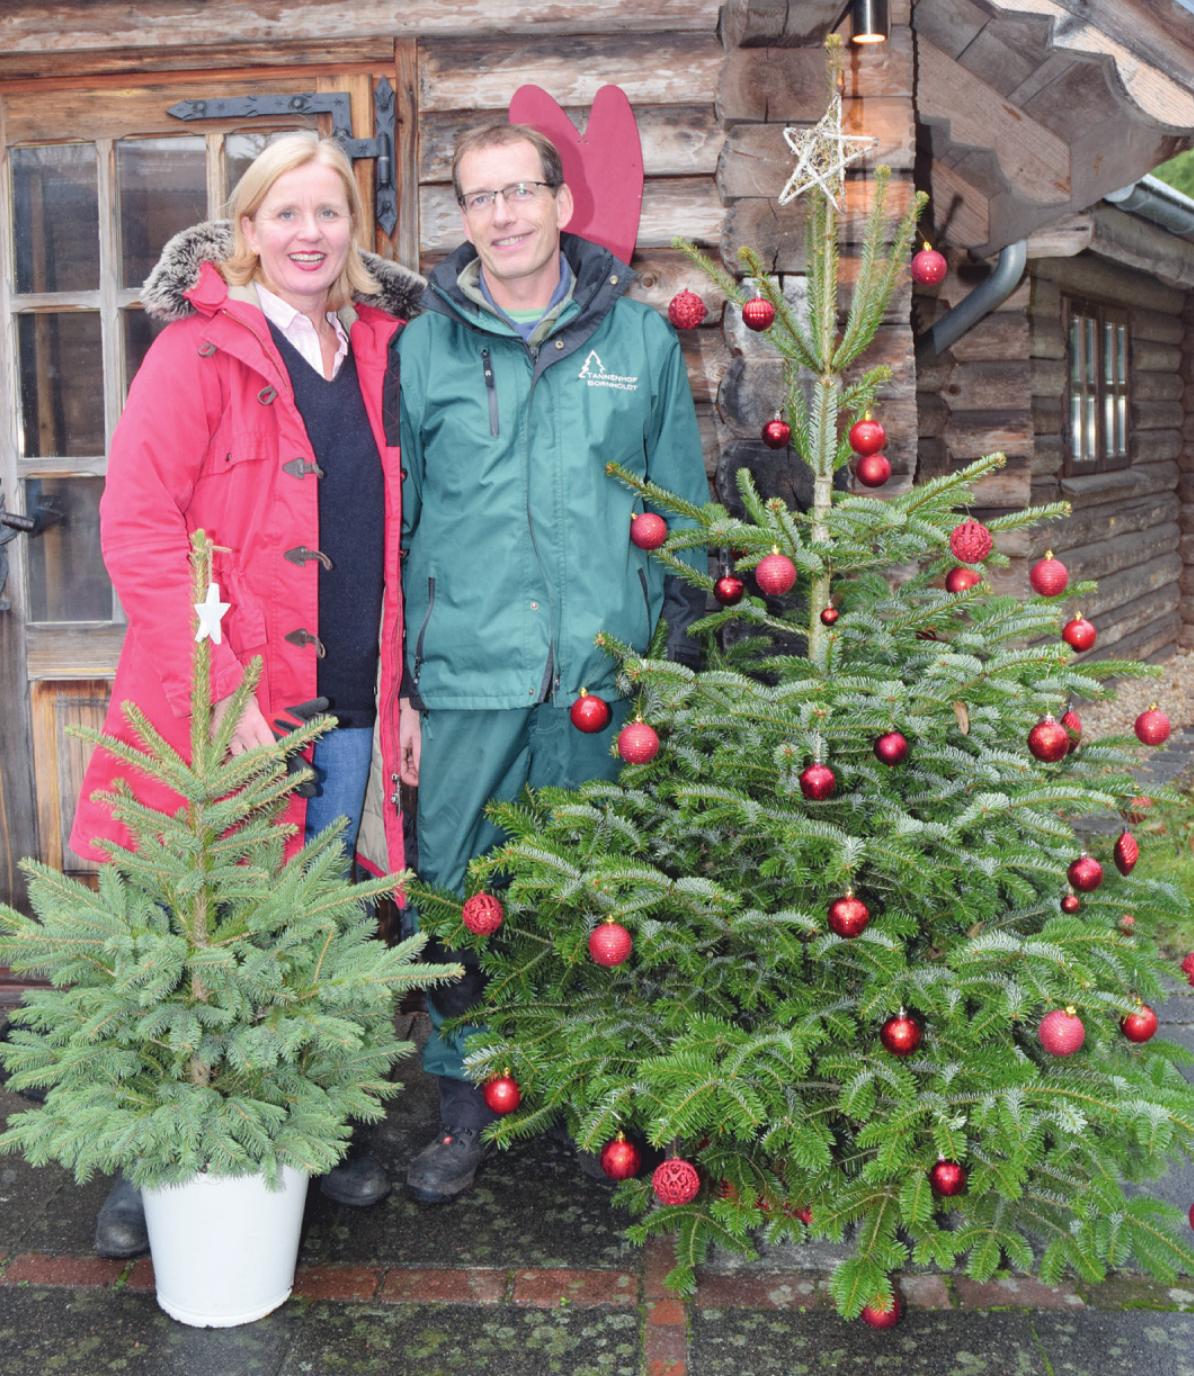 Henning Bornholdt und seine Frau Ingrid Körner-Bornholdt haben zum Adventsspektakel mit Weihnachtsbaumverkauf auf ihrem Hof in Lutzhorn wieder einiges vorbereitet Foto: Kuno Klein